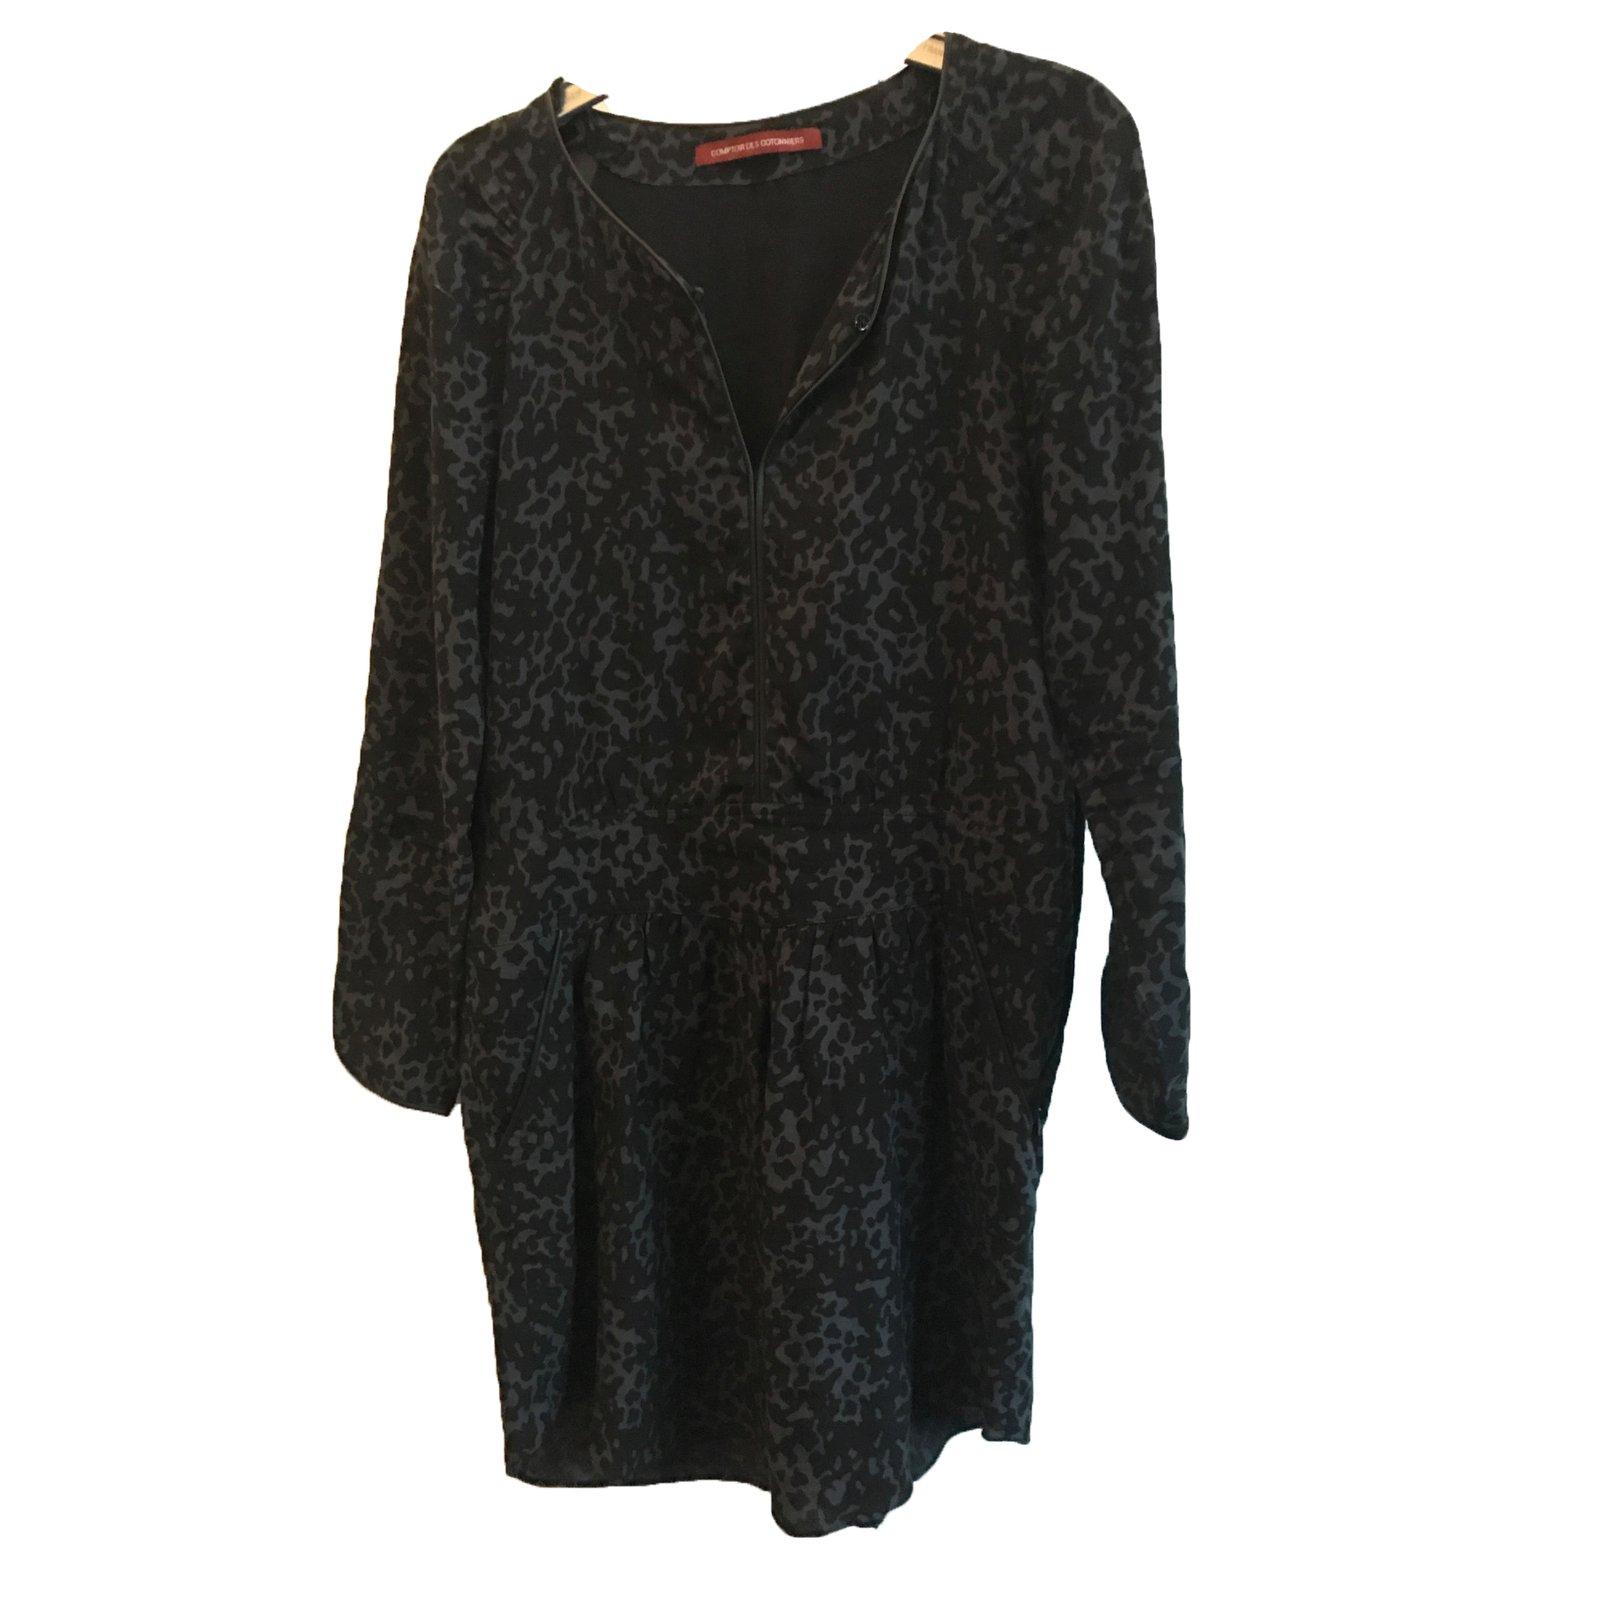 Robes comptoir des cotonniers robe viscose noir bleu ref - Robe patineuse comptoir des cotonniers ...